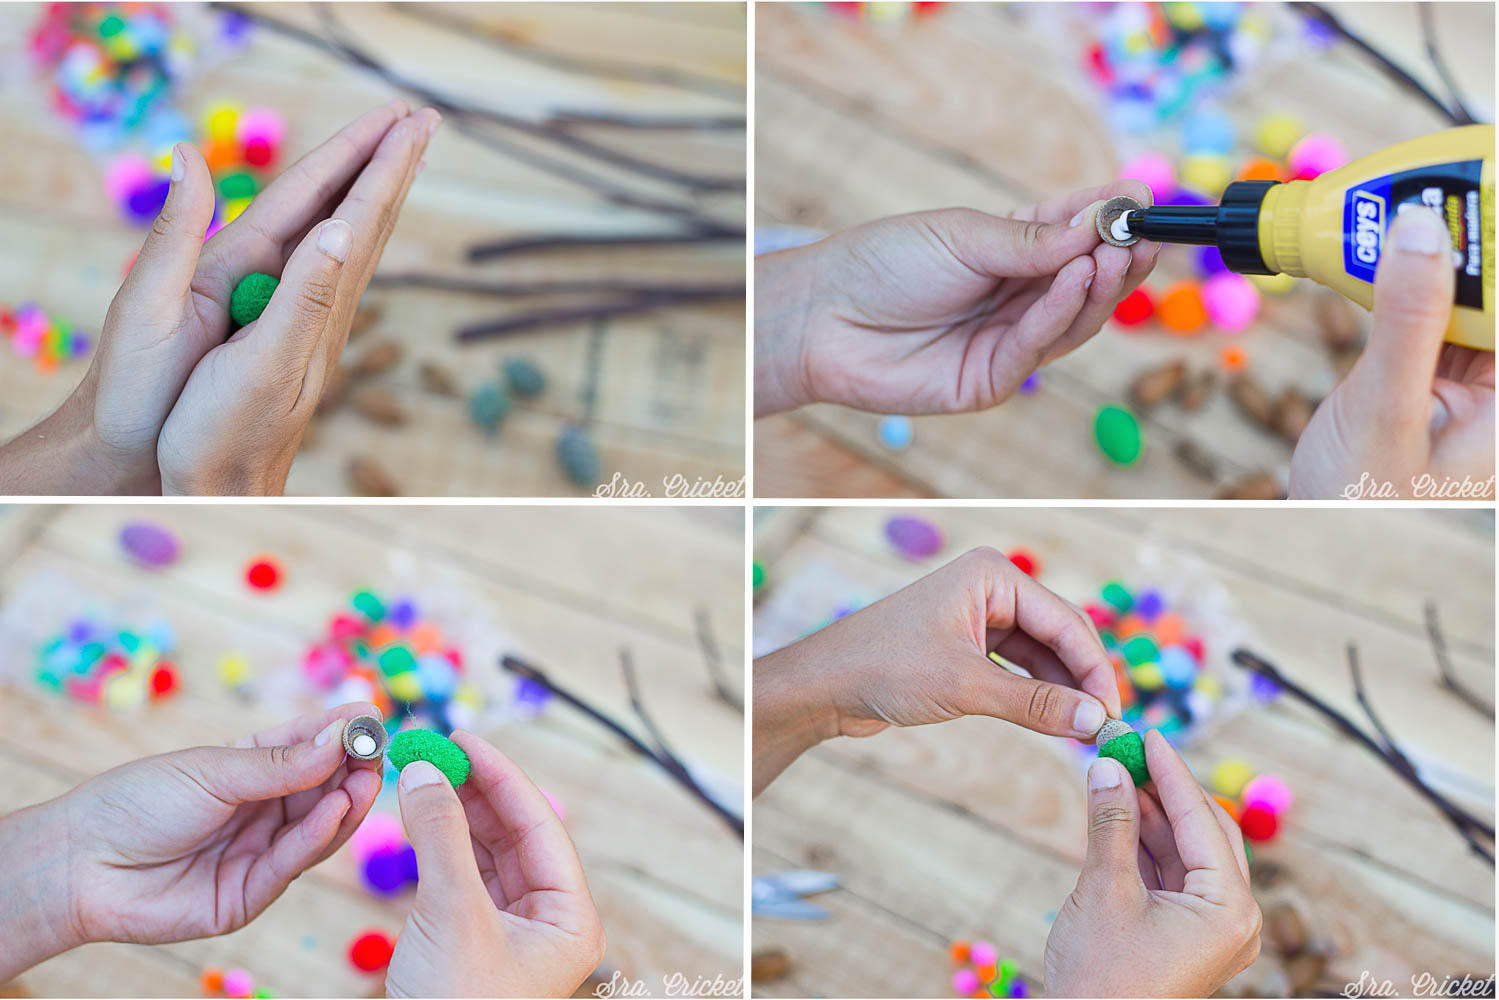 manualidades para niños bellotas de colores